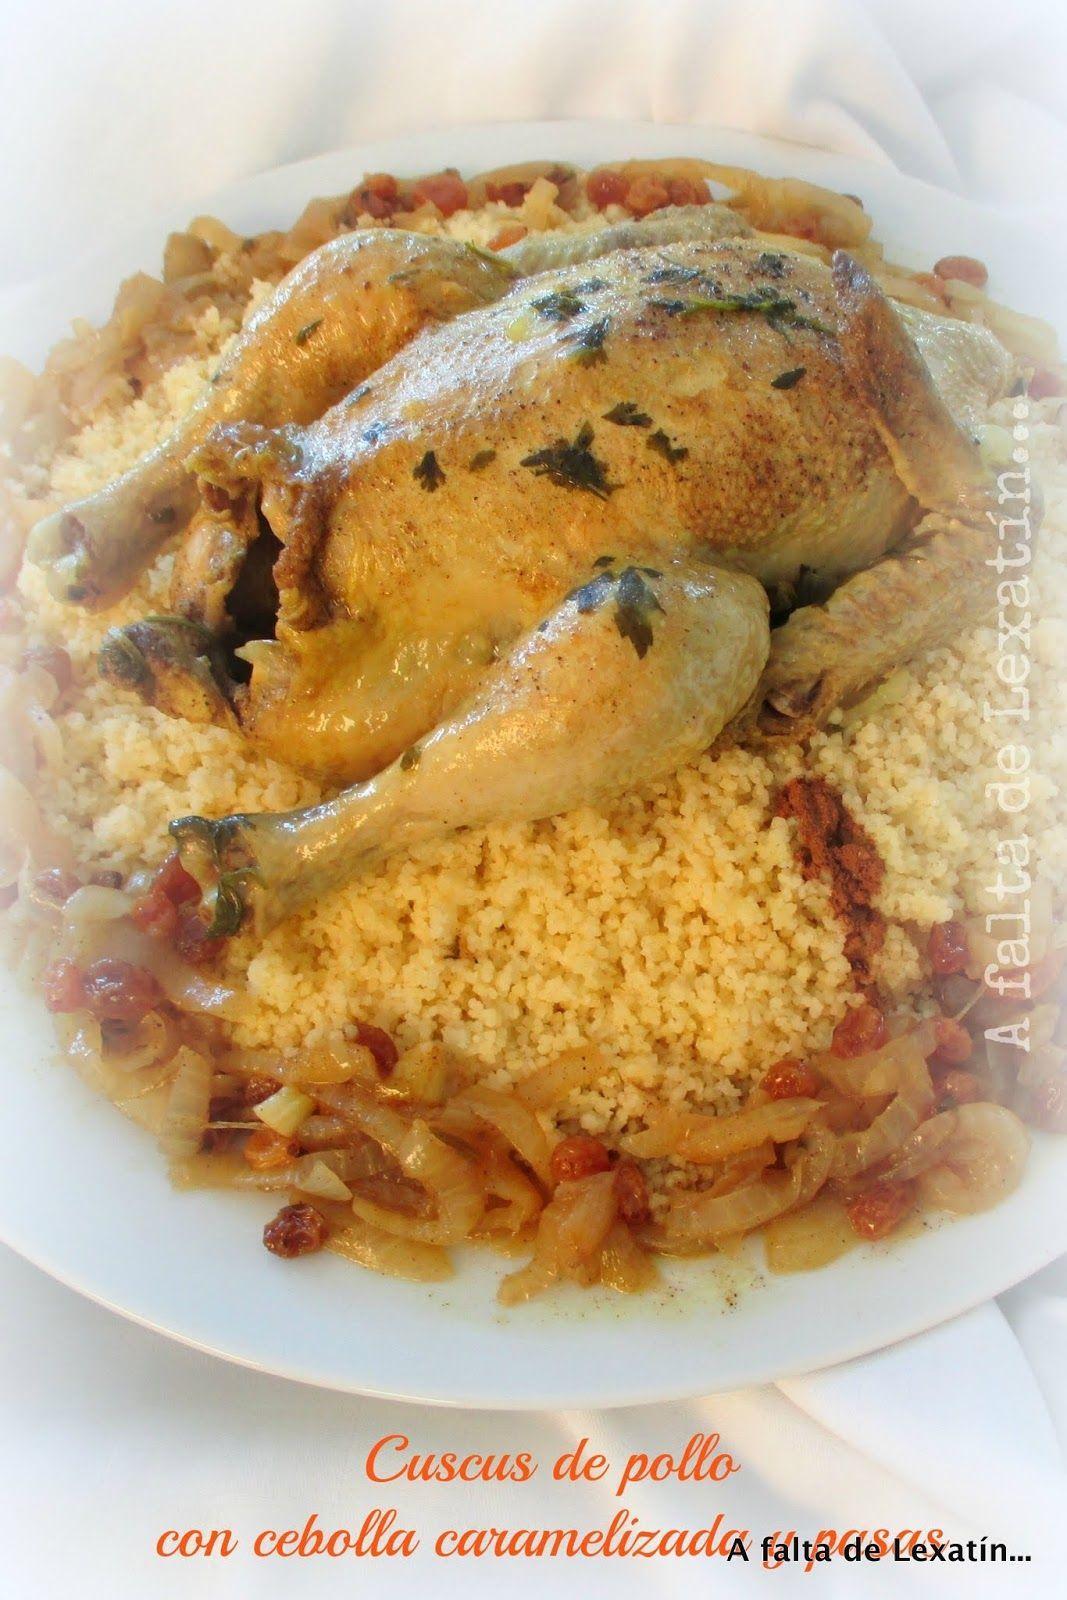 Cuscus De Pollo Con Cebolla Caramelizada Y Pasas Cuscus Con Pollo Comida Y Recetas De Comida